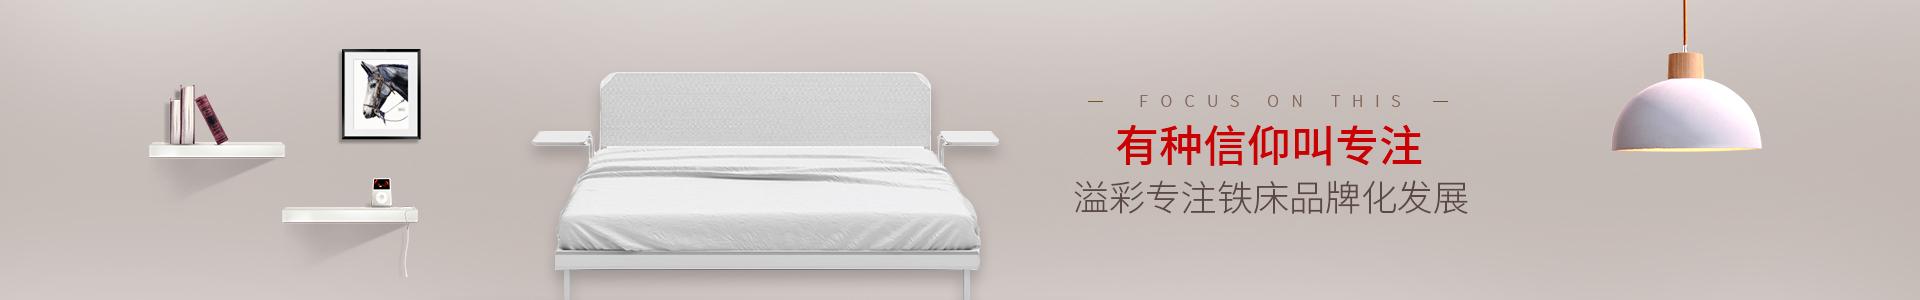 宿舍铁床品牌